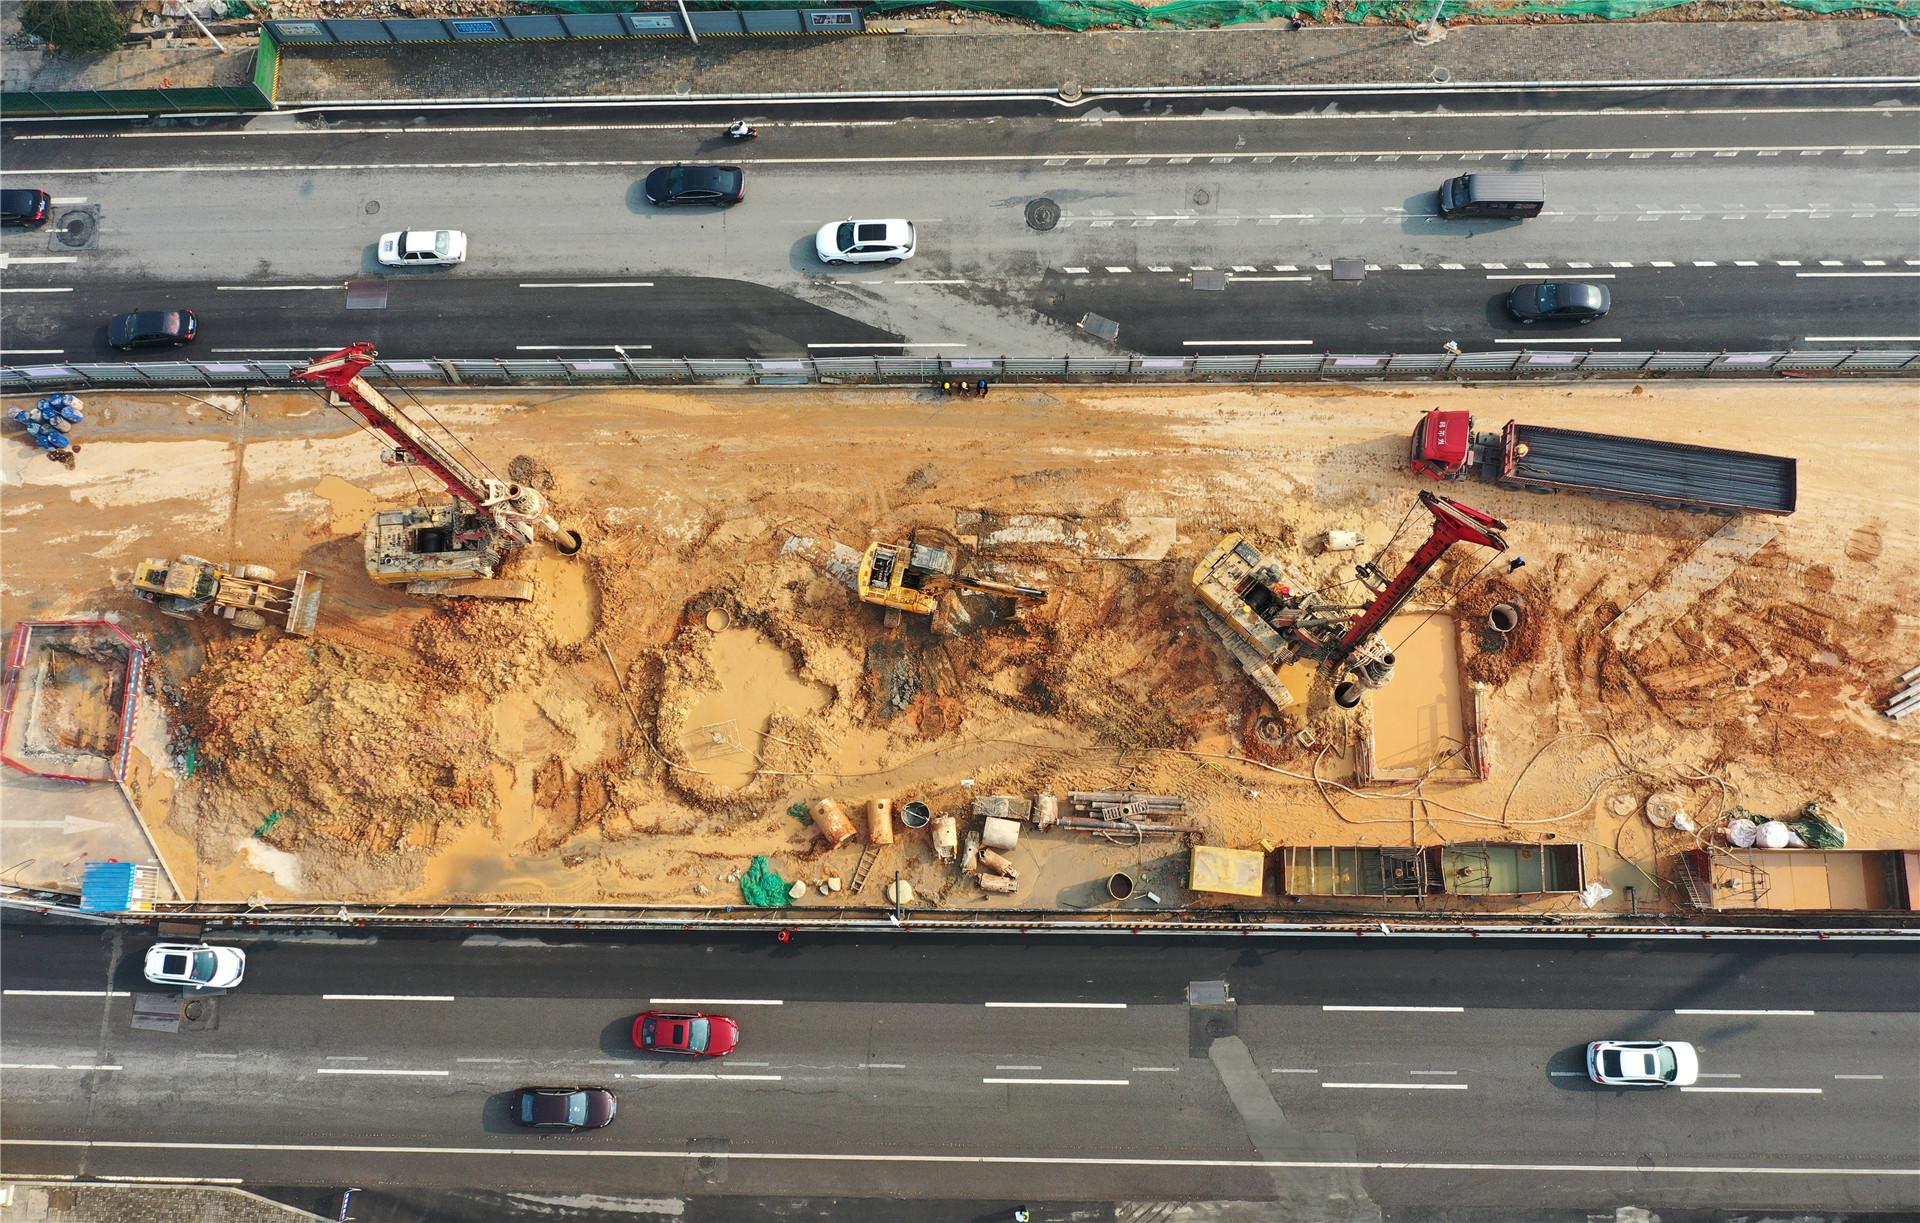 2021年2月23日,长沙市轨道交通1号线北延一期工程青竹湖路站施工现场,几台旋挖机正在打桩施工。